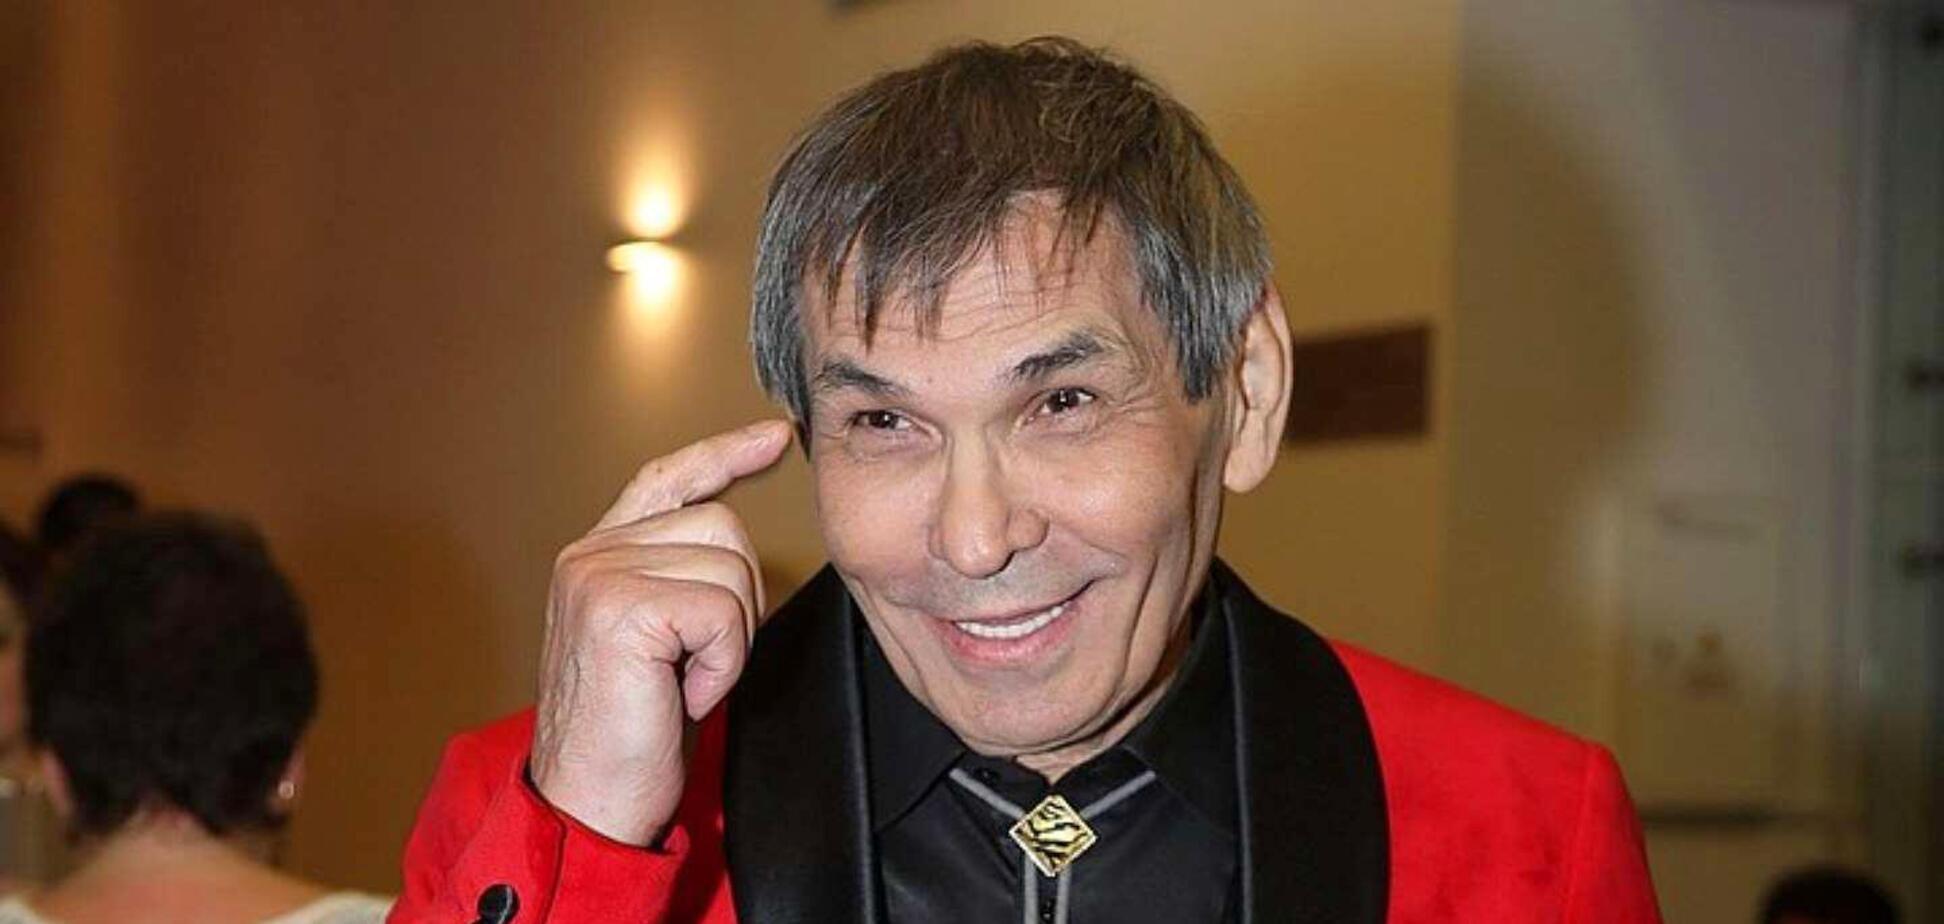 Бари Алибасов (Фото: LiveJournal @nemihail)